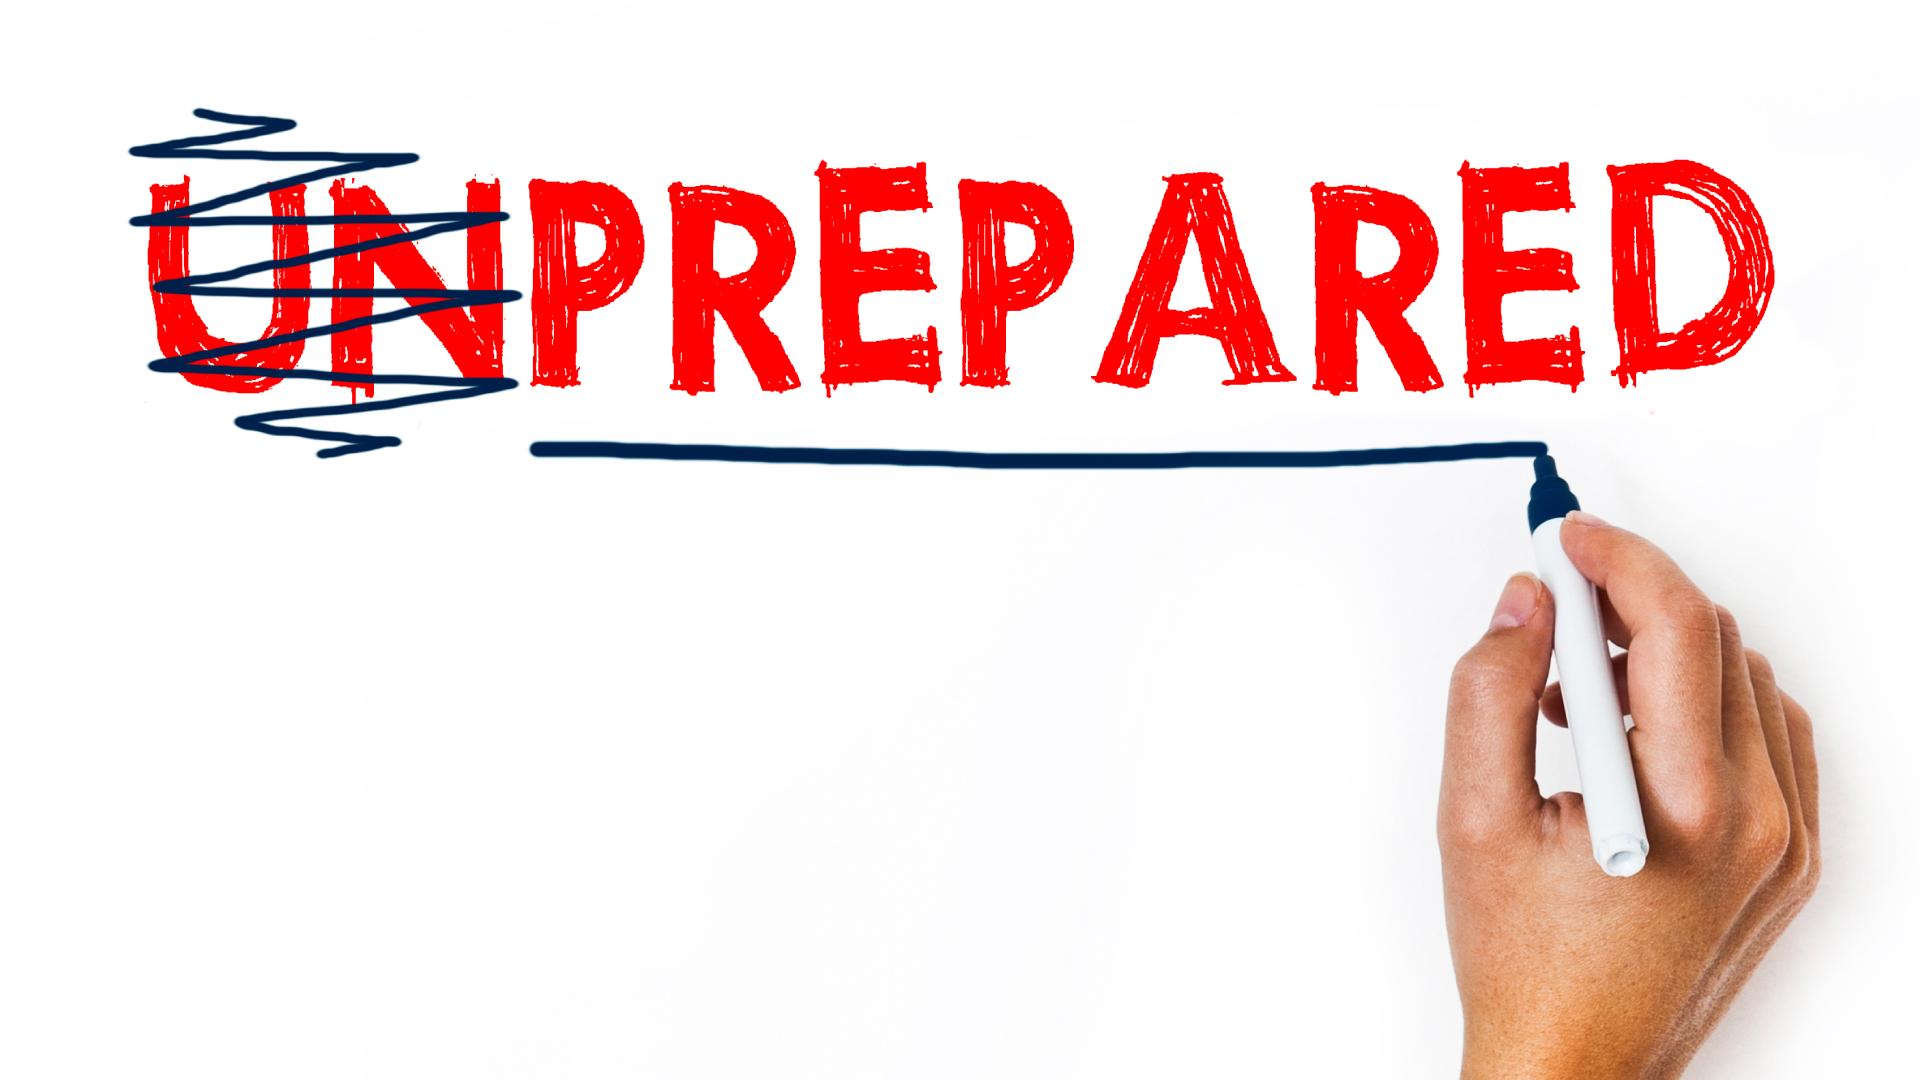 Prepared-1920x1080